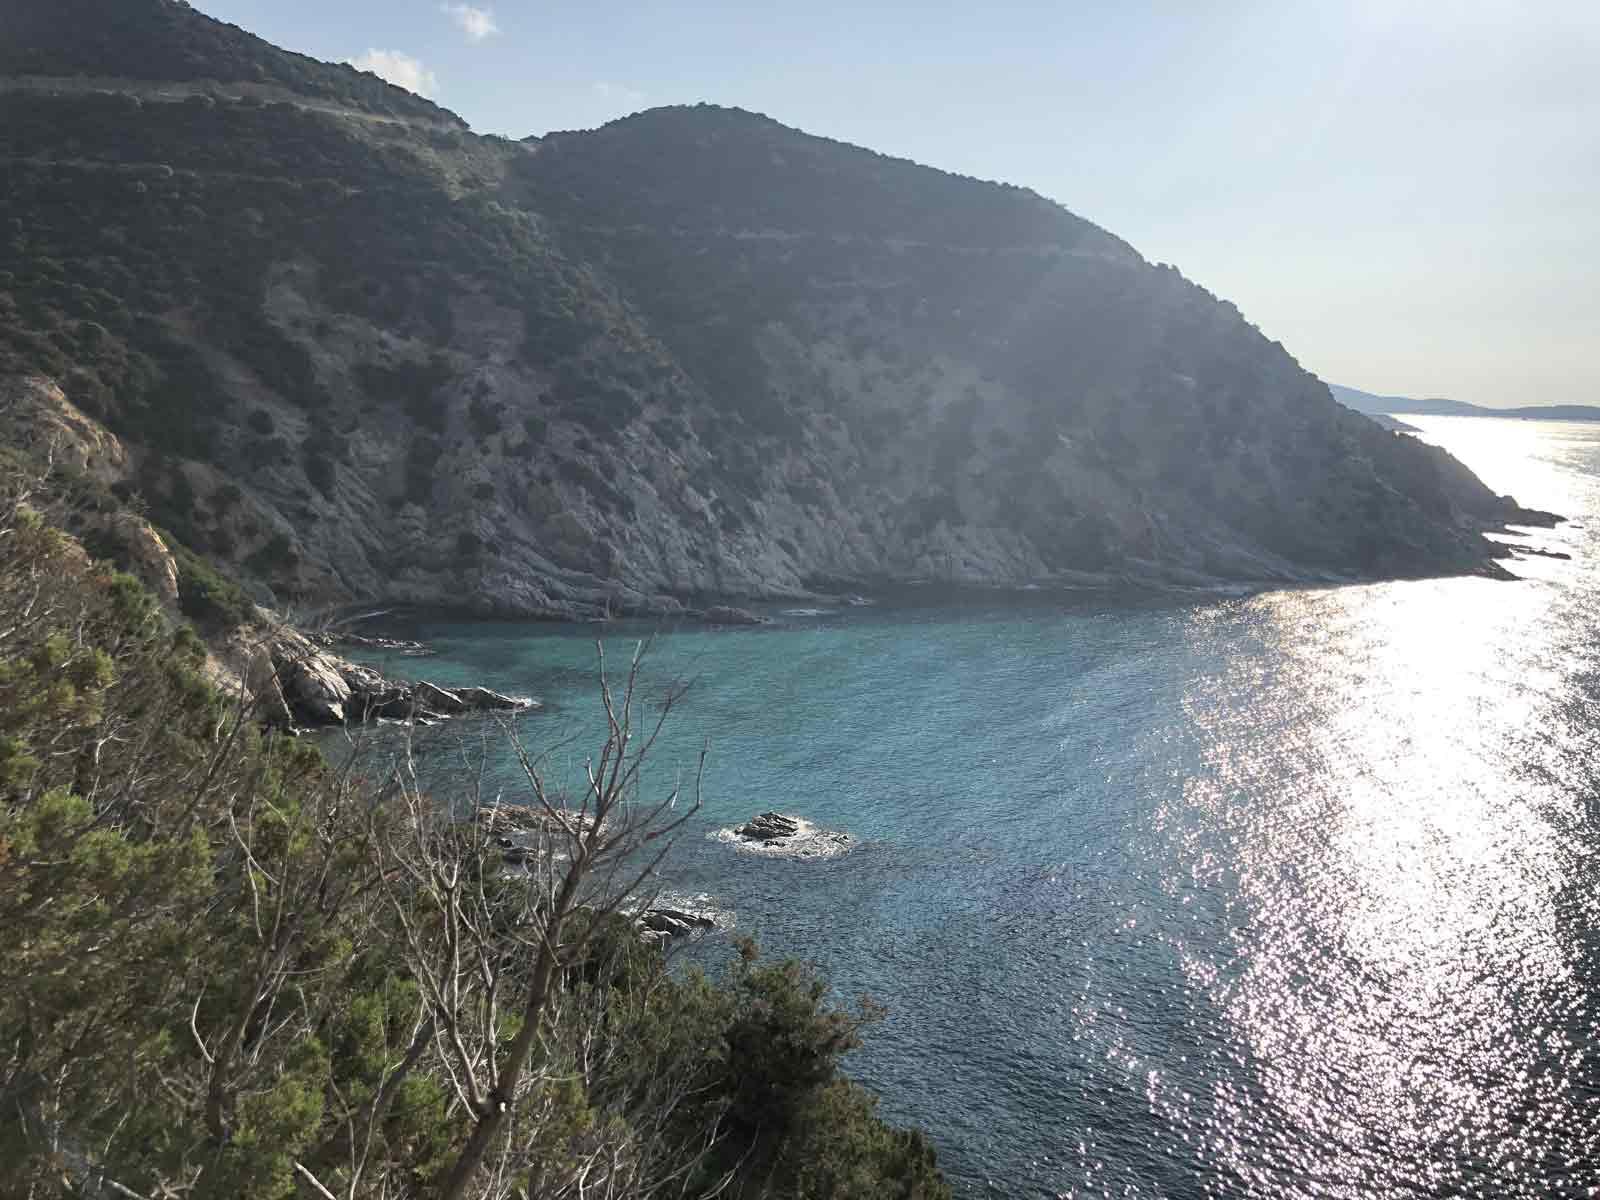 Immersi tra mare e verde negli scenari della Costa Rei in Sardegna • Gerardo Pandolfi